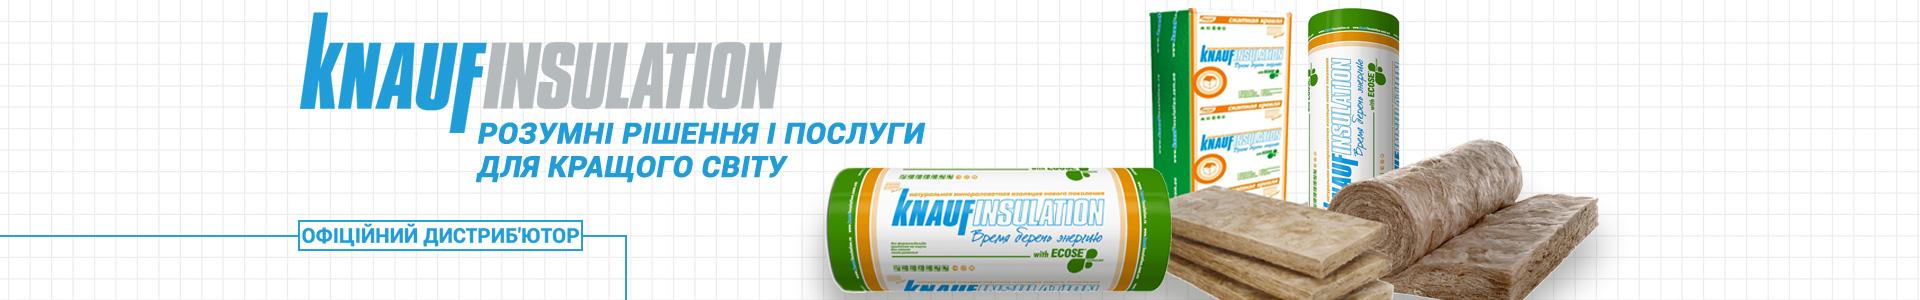 brand_knaufinsulation